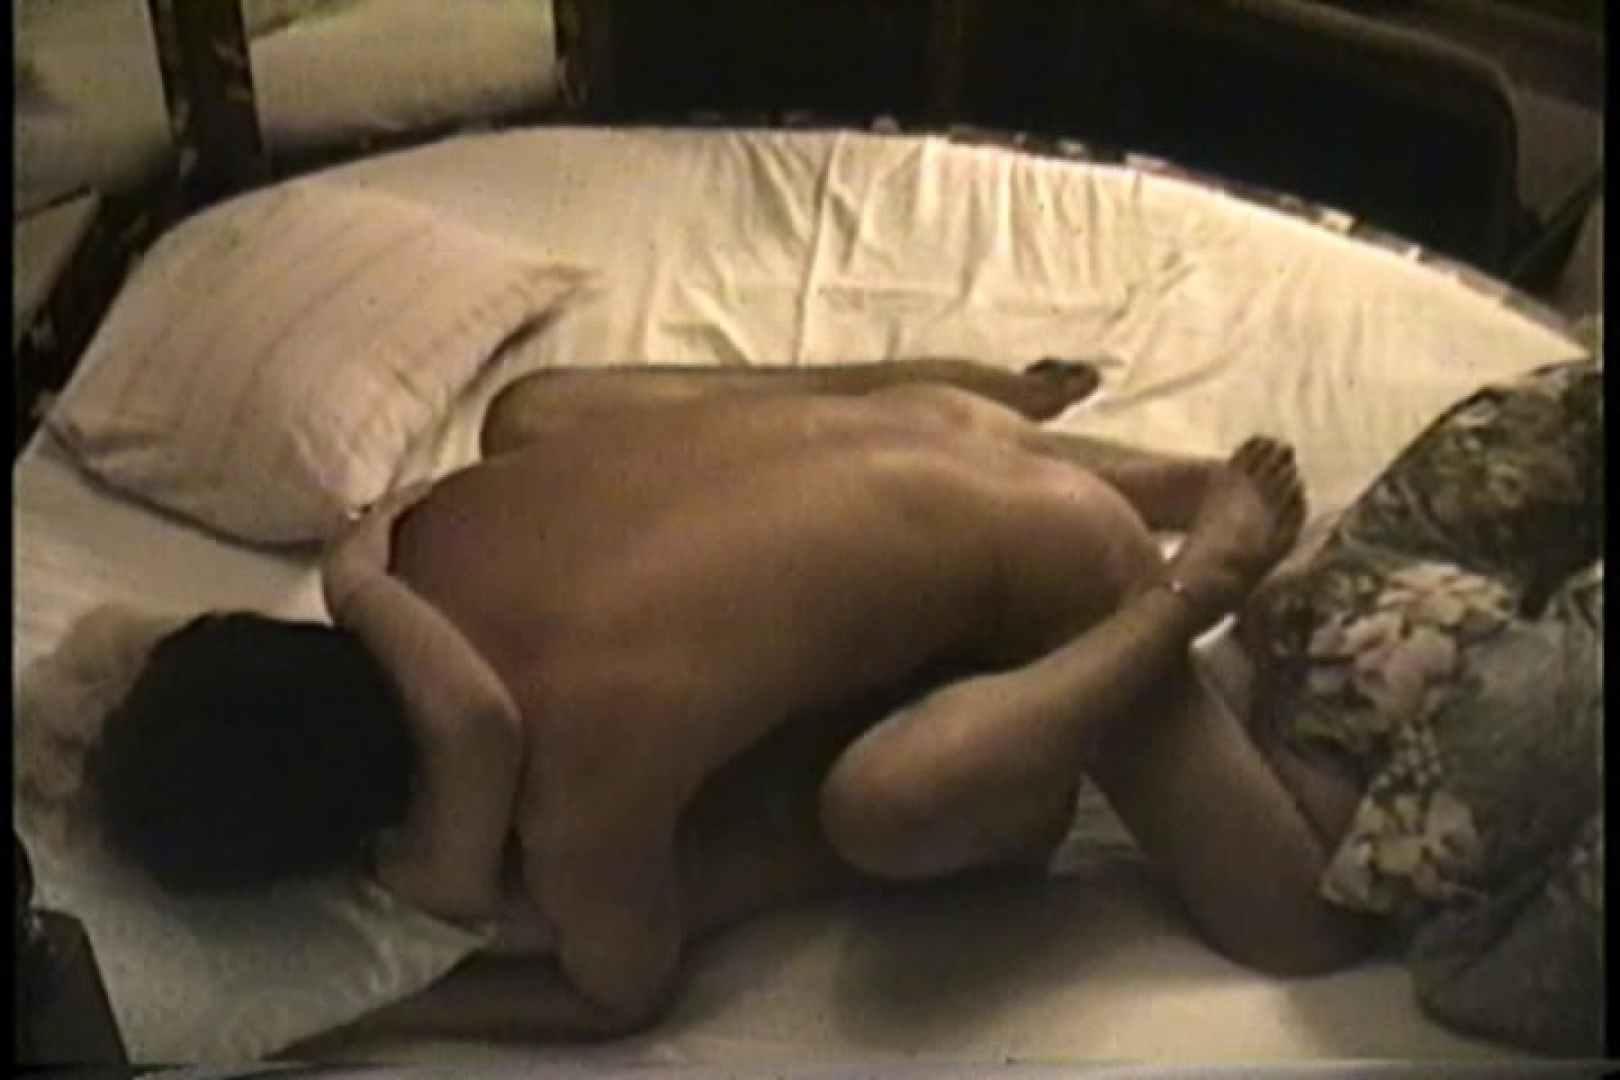 実録!ラブホテル~消し忘れ注意!昭和の色編~ vol.17 ラブホテル セックス無修正動画無料 80PIX 5